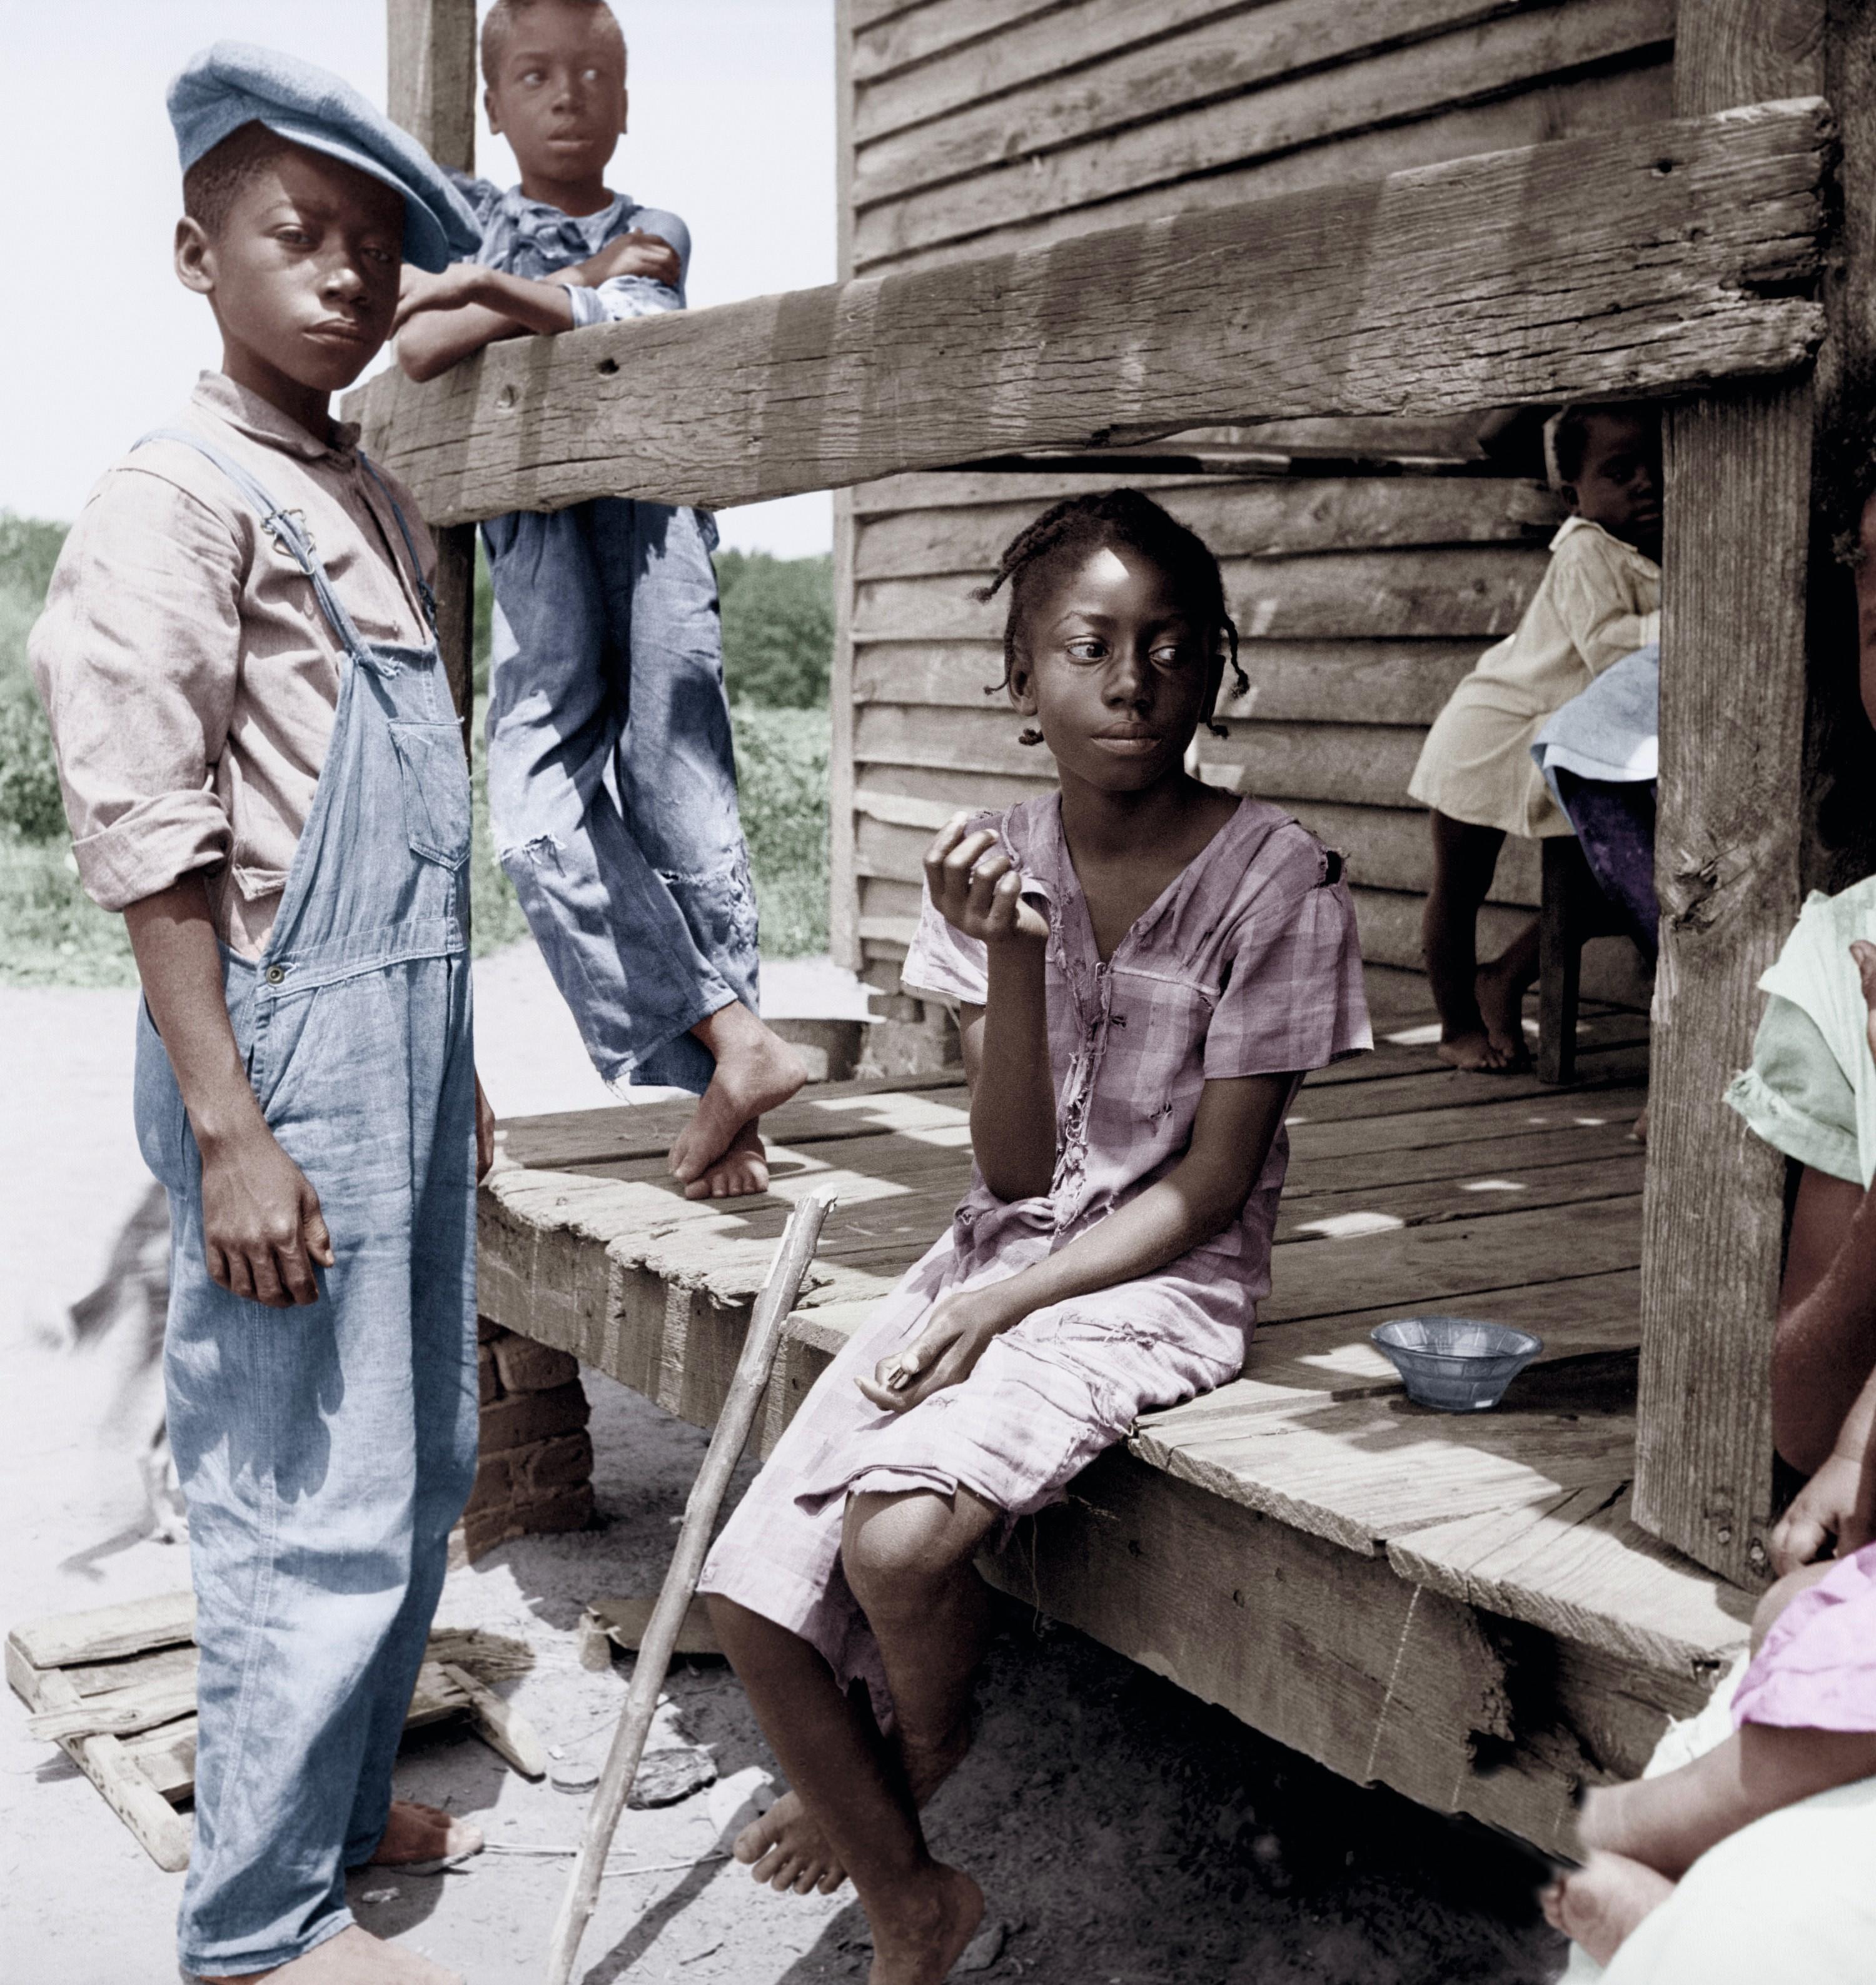 Dorothea Lange, enfants dans le delta du Mississippi, 1936, photographie colorisée, 23,8 × 25,4 cm, Library of Congress, Washington.